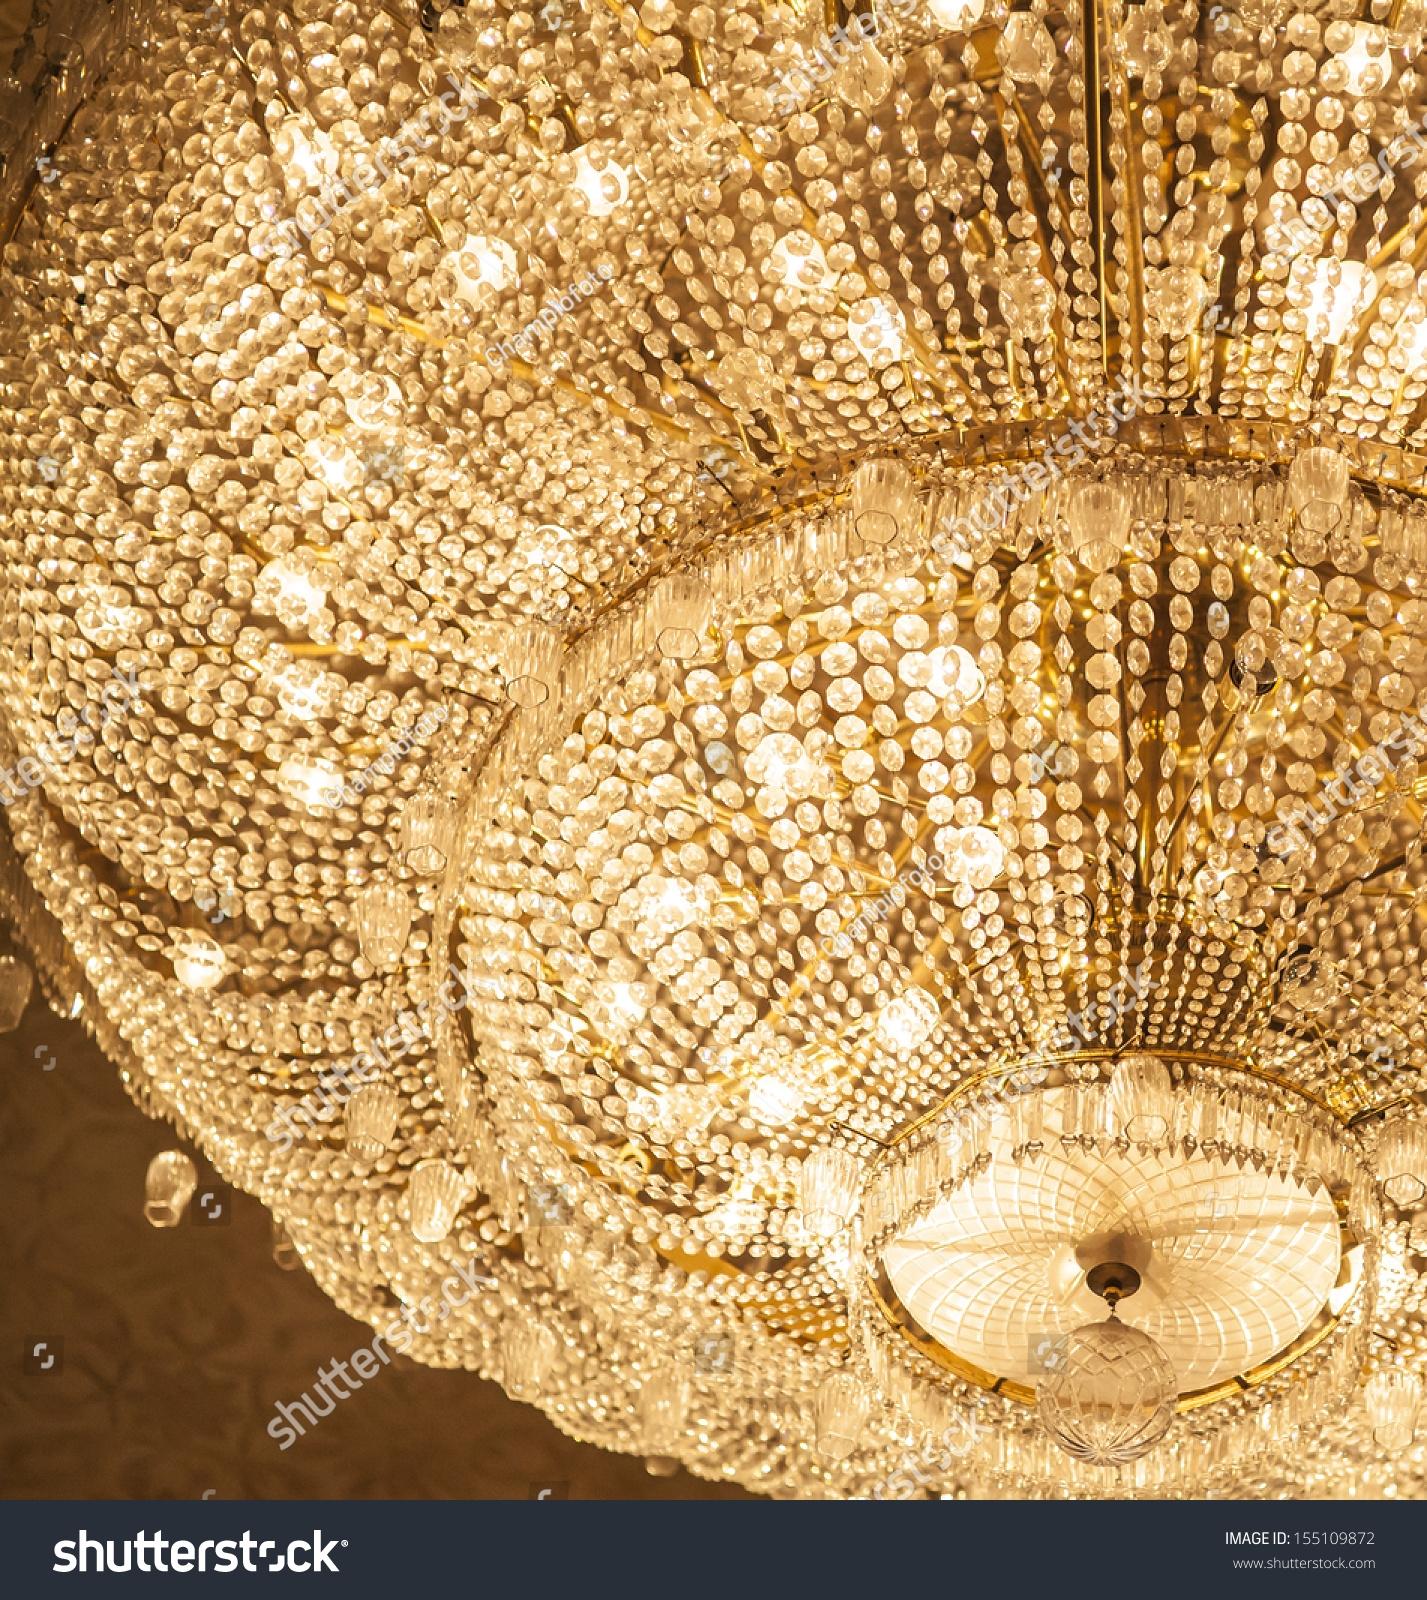 Big Crystal Chandelier Stock Photo 155109872 Shutterstock Throughout Big Crystal Chandelier (View 5 of 12)